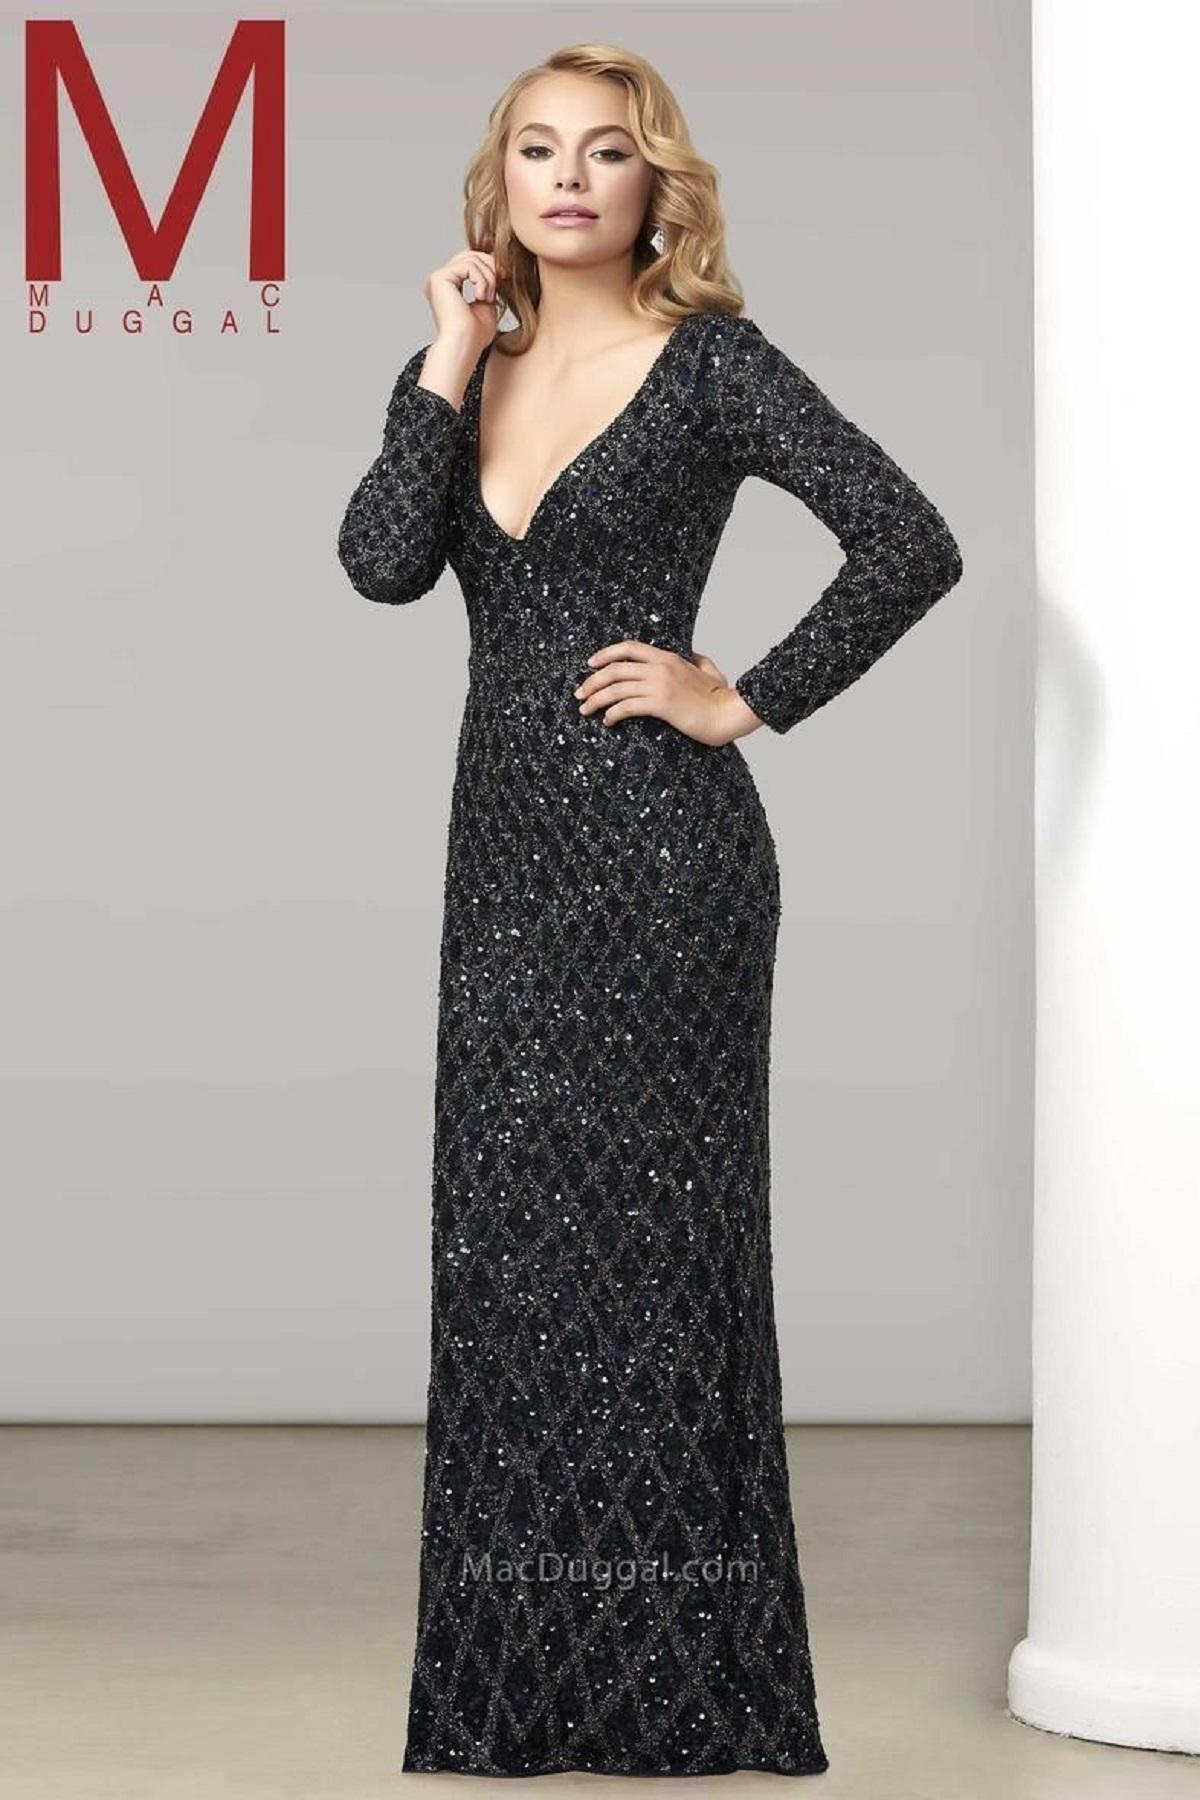 Mac Duggal 42325 Черное платье украшено сложным узором из бисера и камней, юбка длинная, прямого кроя